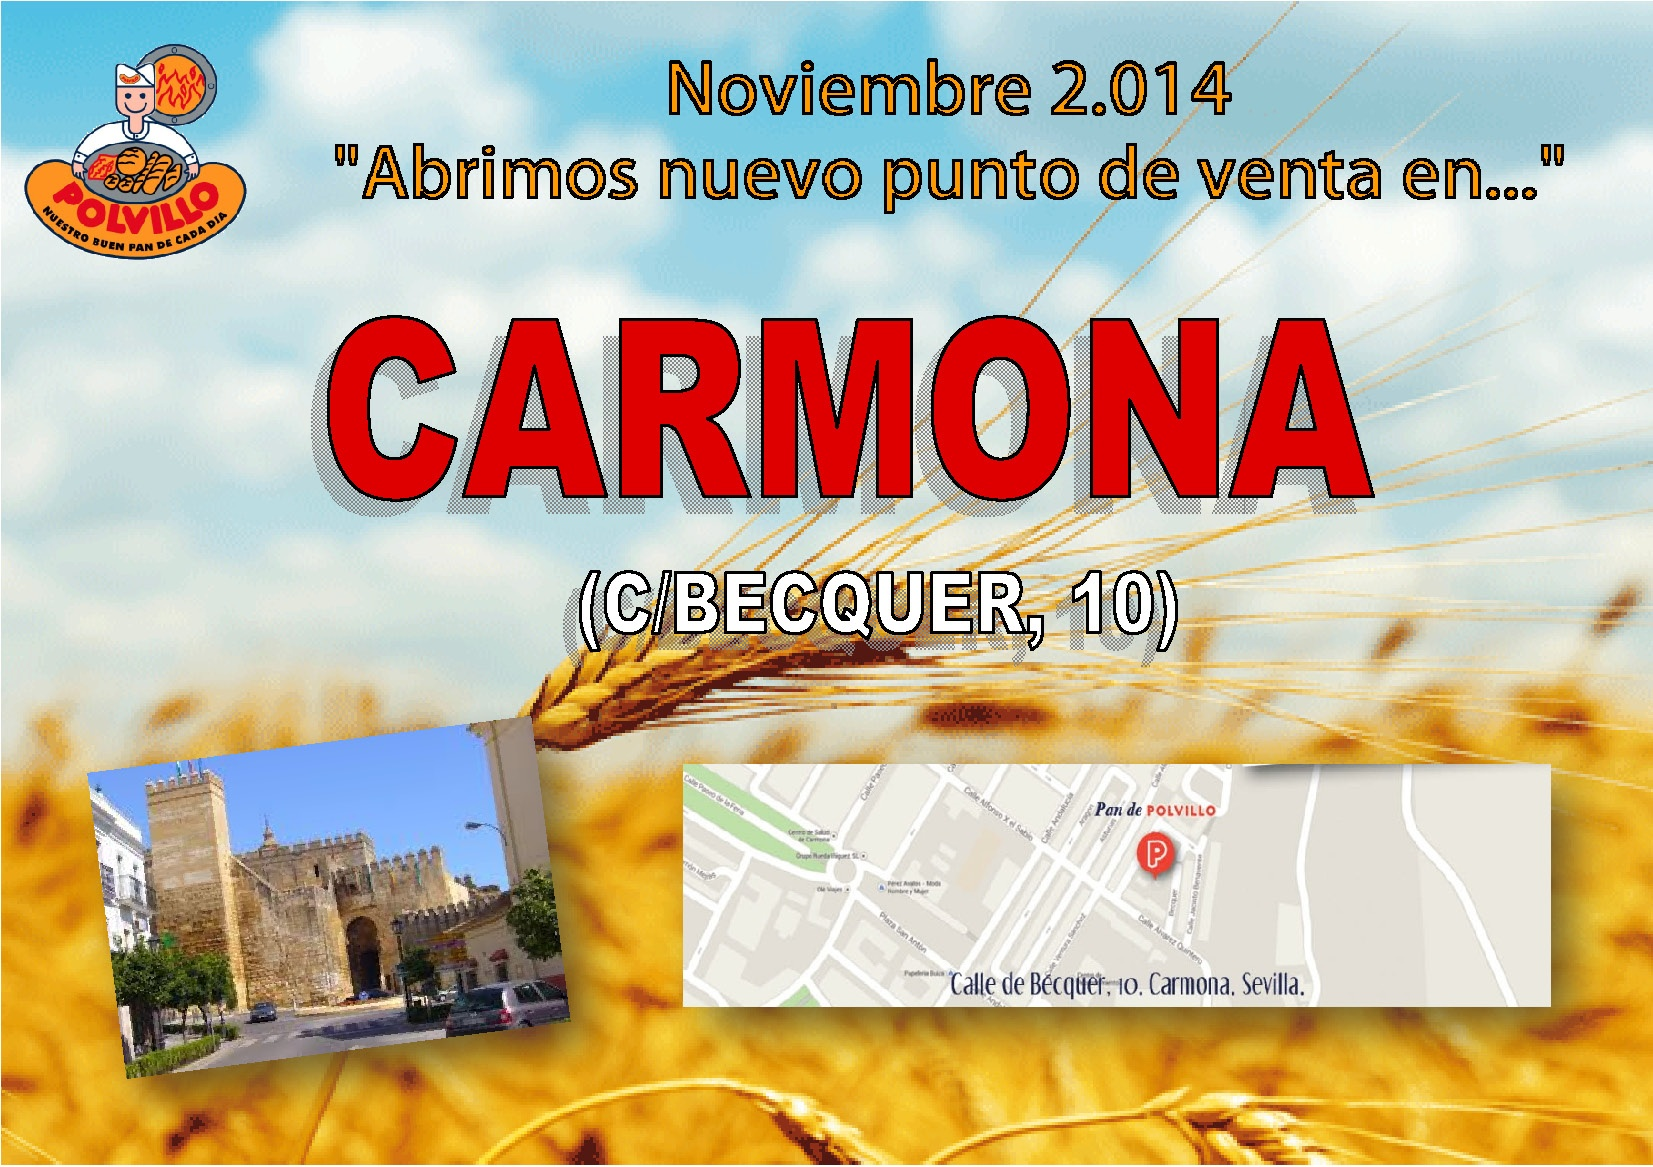 Apertura tienda Polvillo Carmona, calle Becquer